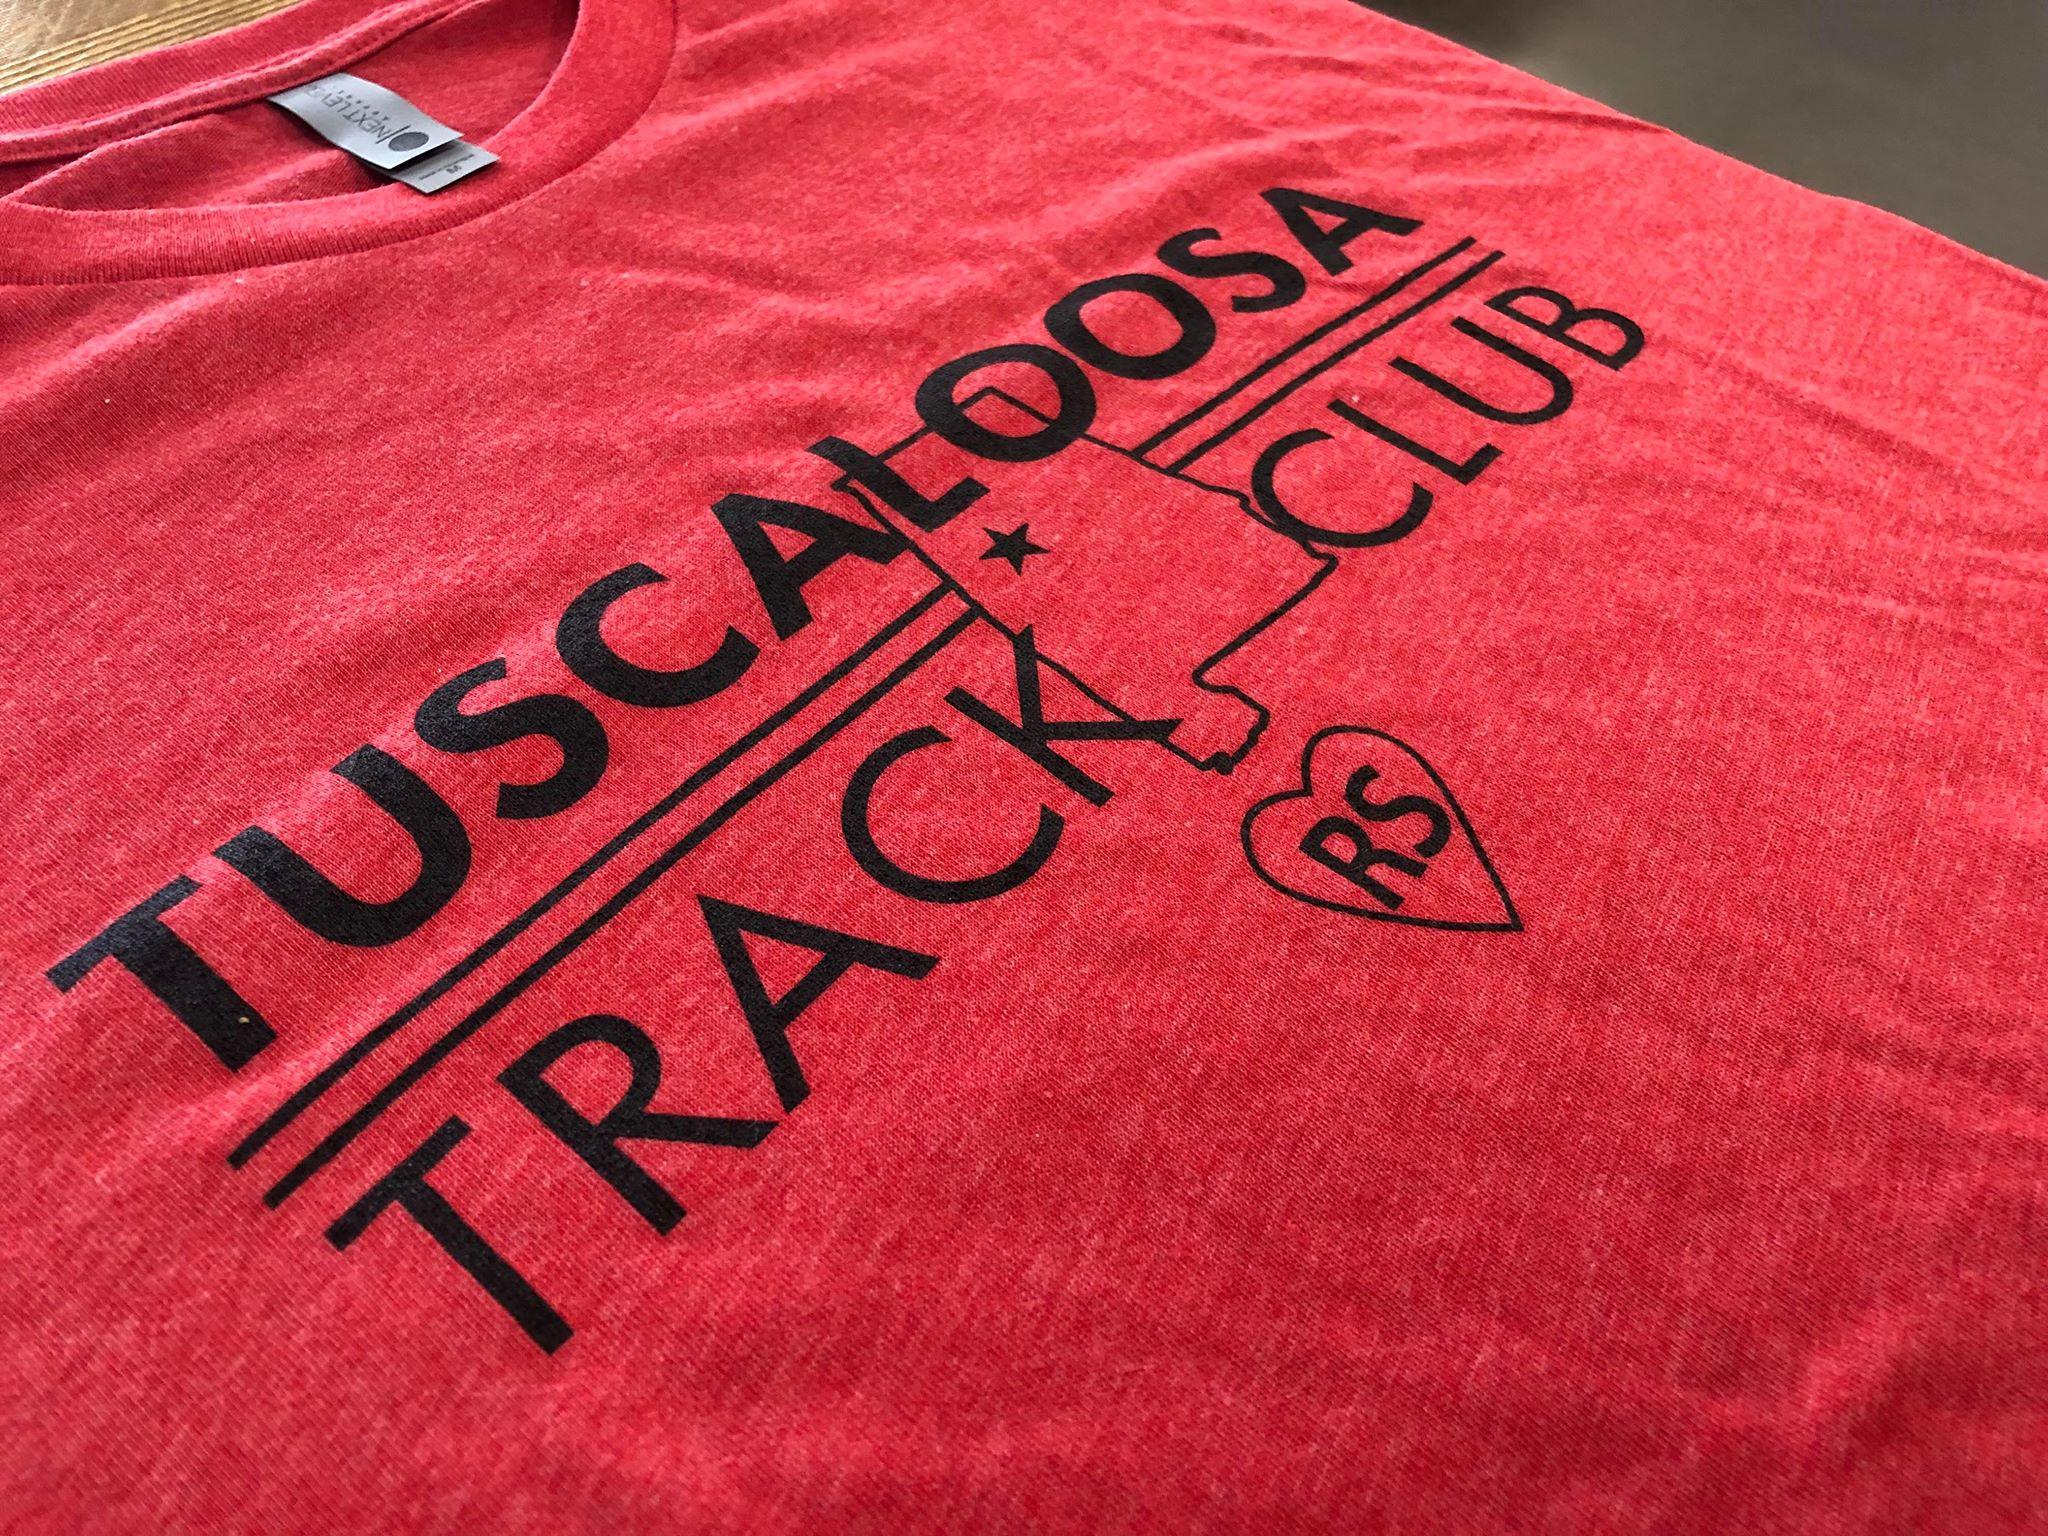 track club tshirt.jpg